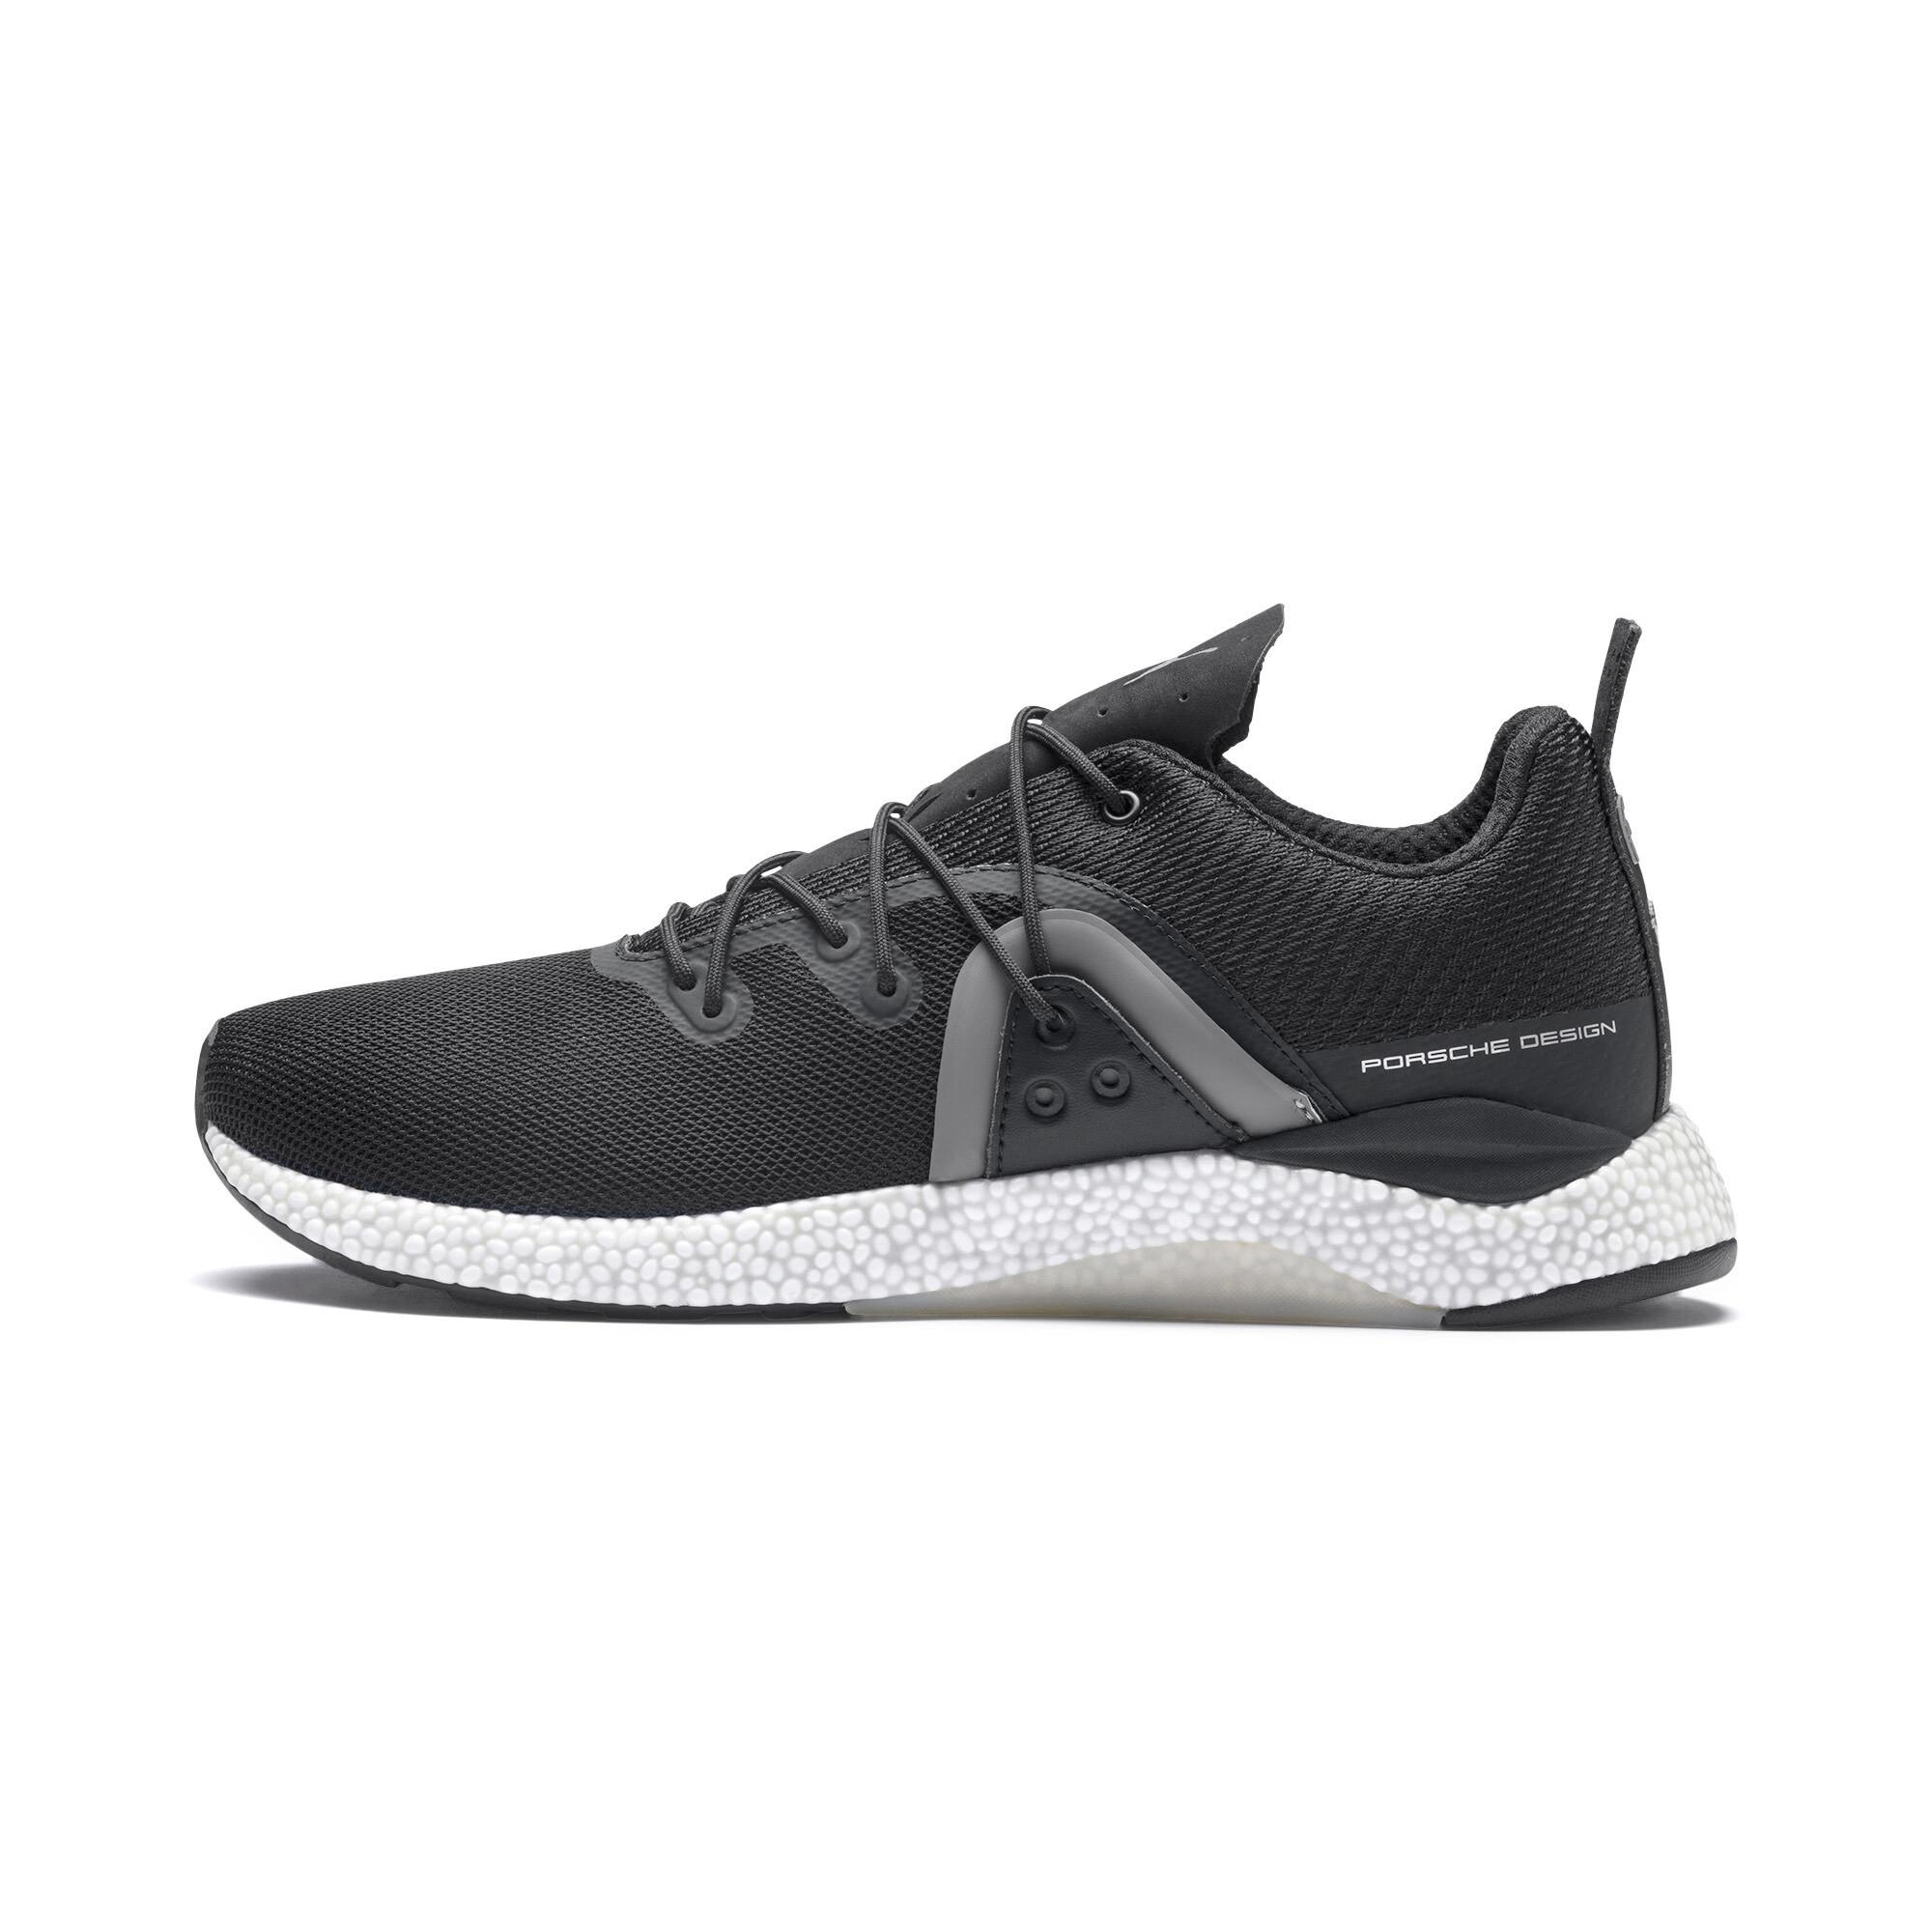 86ee4628 Легкие кроссовки для бега - купите в интернет-магазине PUMA